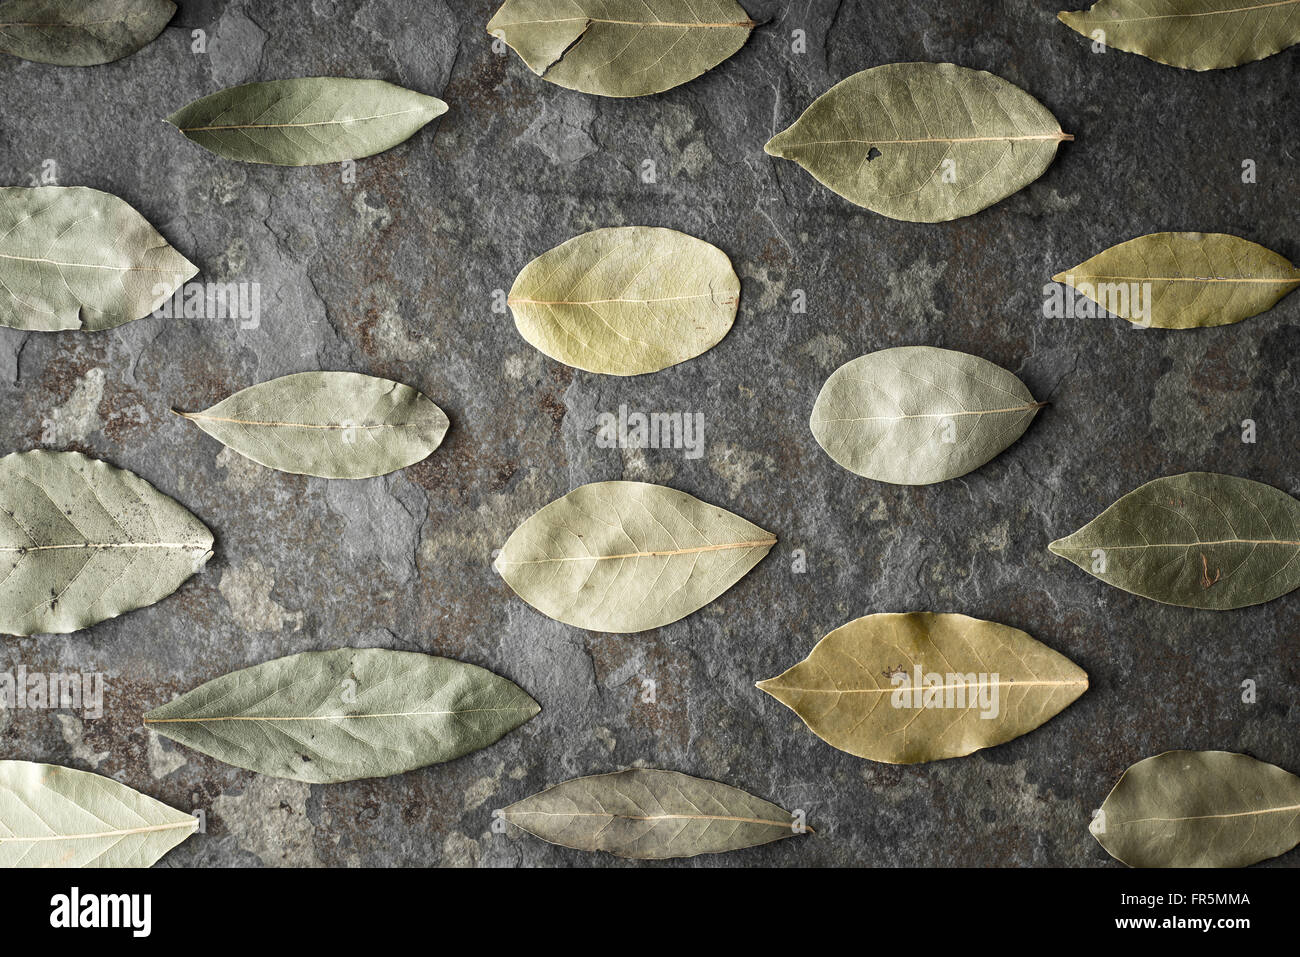 Blätter des Baumes Laurel auf dem Steintisch horizontale super Stillleben Stockbild